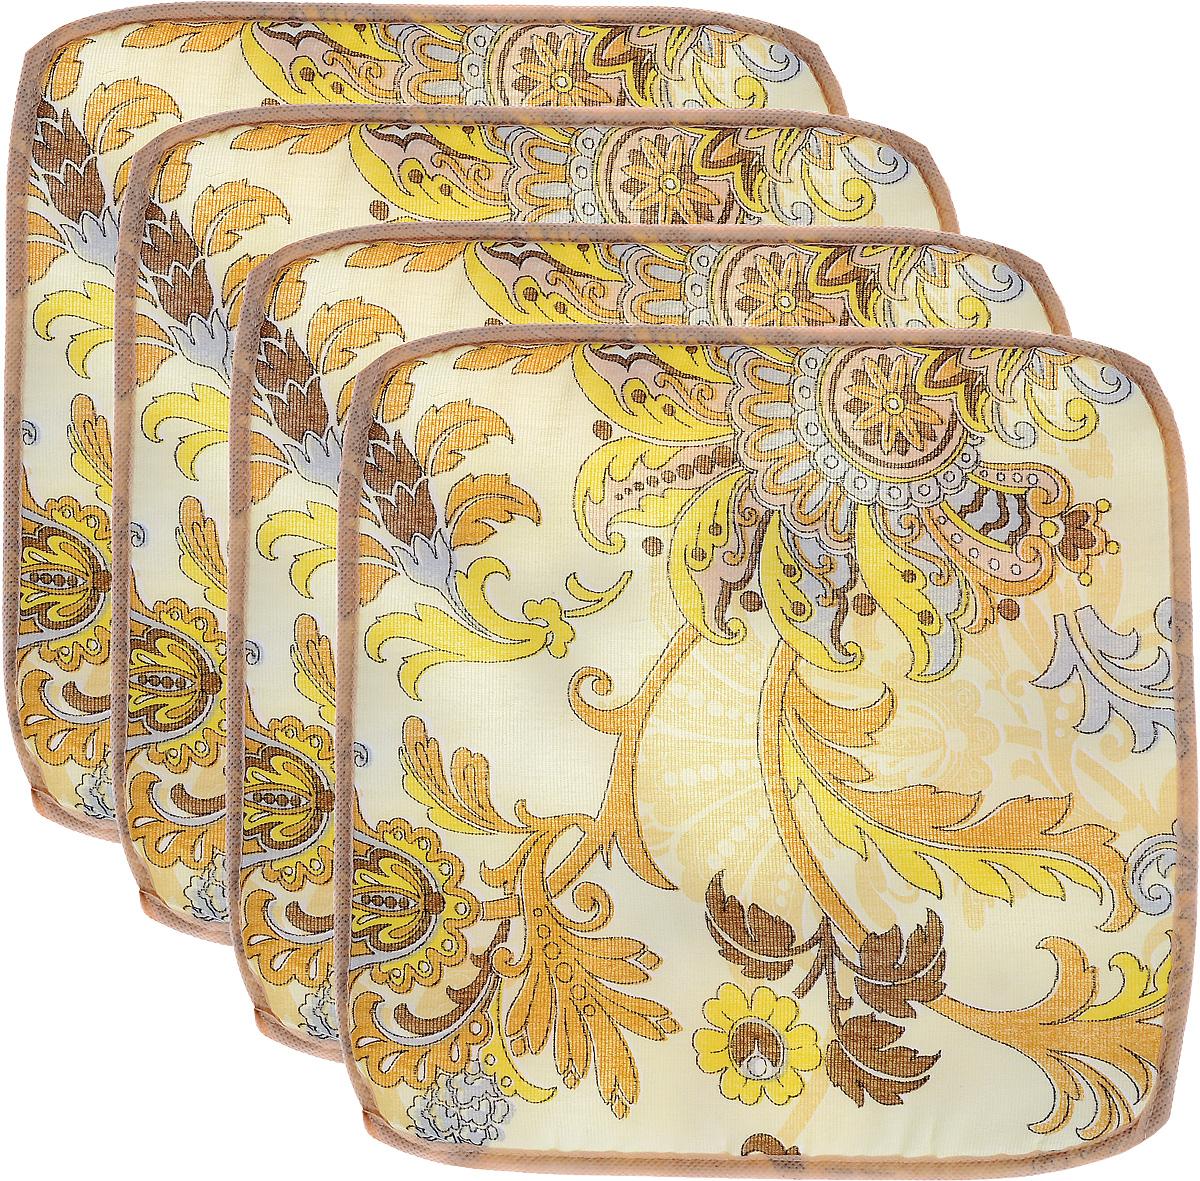 Набор подушек для стула Eva, цвет: желтый, коричневый, 34 х 34 см, 4 штЕ06-1_желтый, коричневыйПодушки на стул Eva, выполненные из хлопка с наполнителем из поролона, легко крепятся на стул с помощью завязок. Изделия прекрасно подойдут для стульев на кухне или в столовой. Правильно сидеть - значит сохранить здоровье на долгие годы. Жесткие сидения подвергают наше здоровье опасности. Подушки с наполнителем из поролона помогут предотвратить многие беды, которыми грозит сидячий образ жизни. Комплектация: 4 шт. Размер подушки: 34 х 34 х 0,5 см.